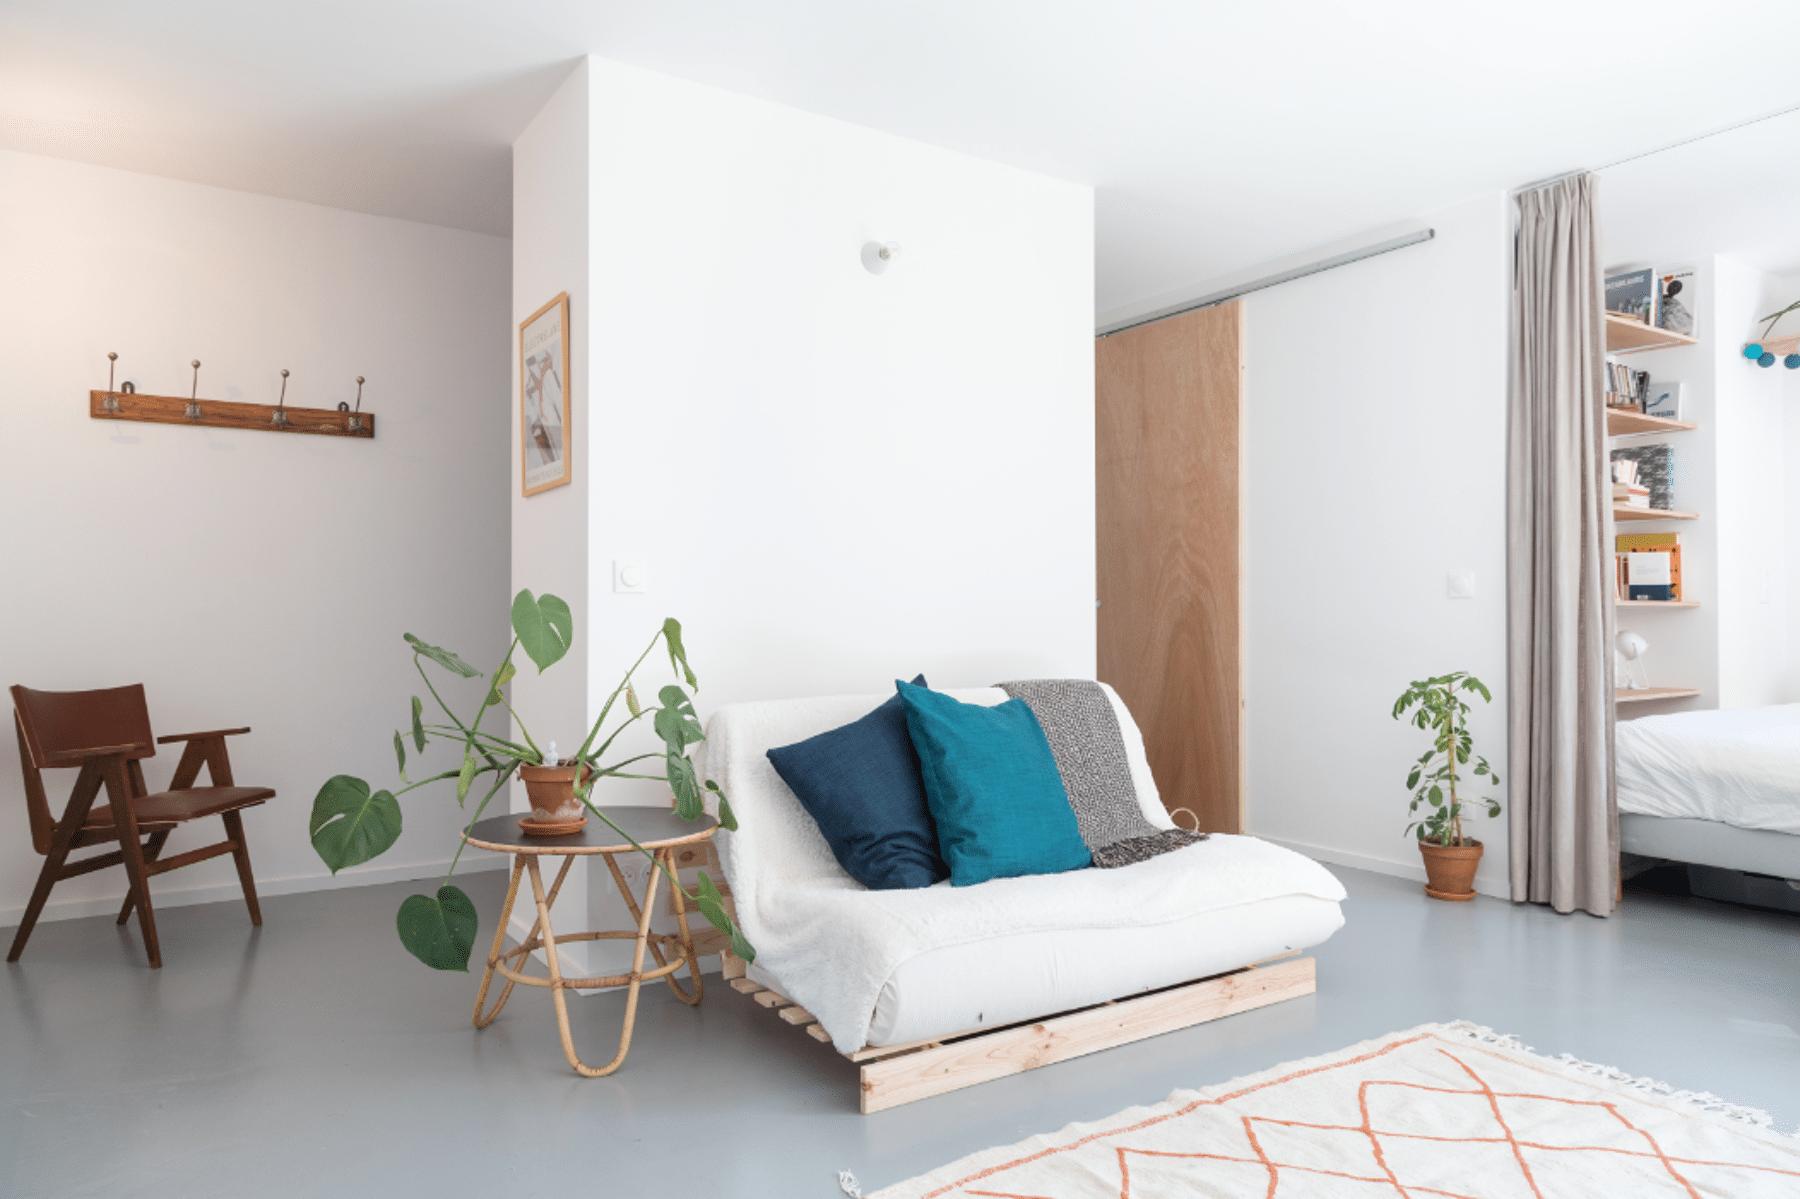 APPARTEMENT GUADELOUPE - Rénovation d'un appartement, Paris 18e